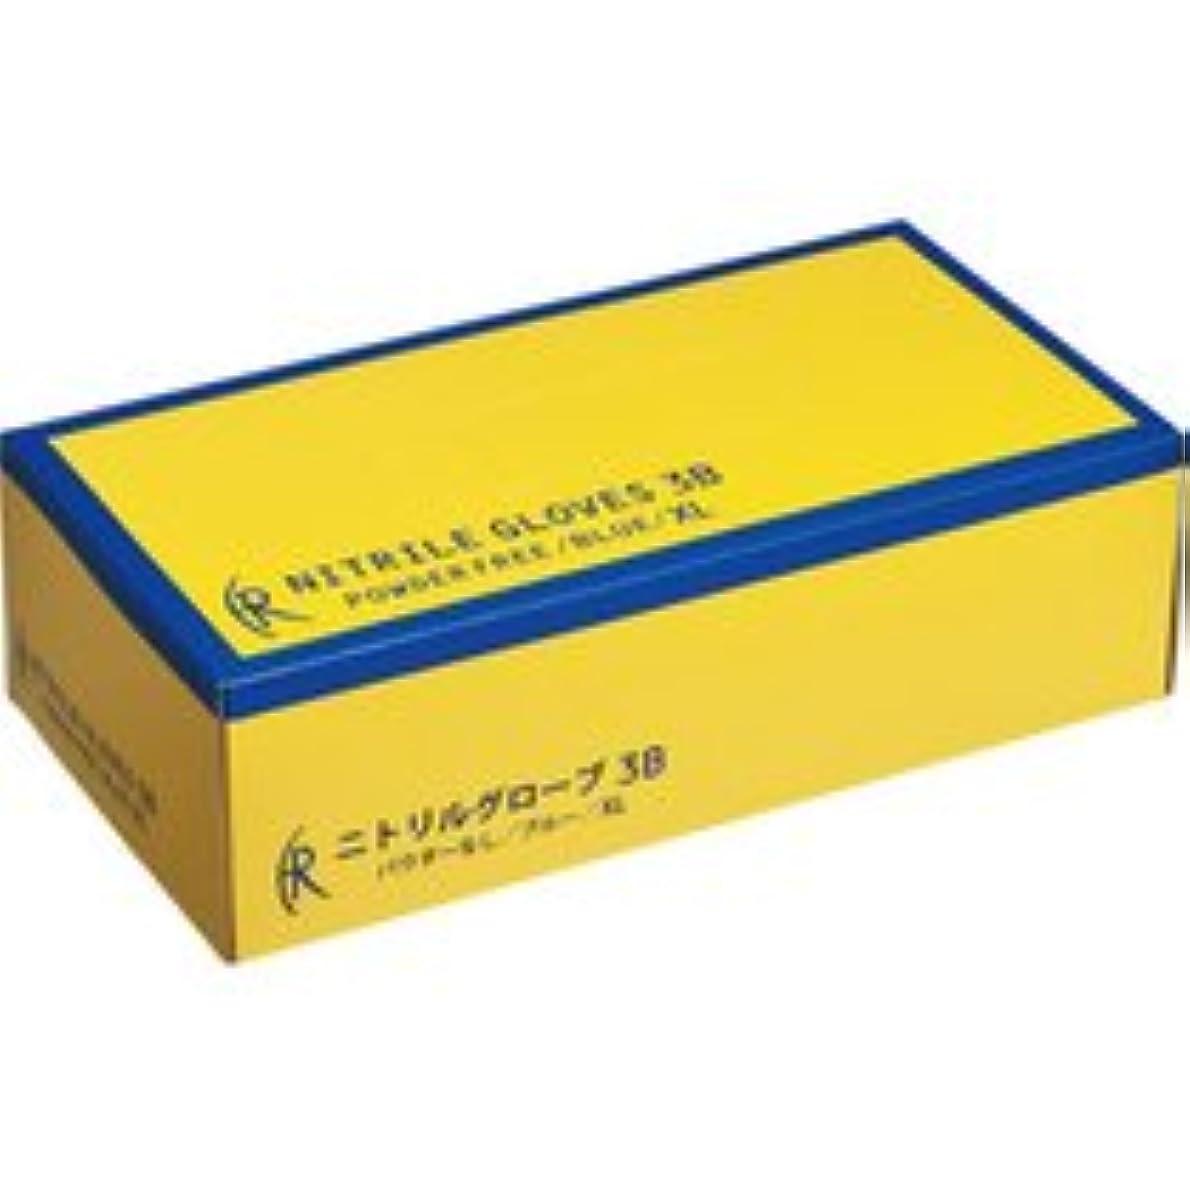 のスコア旋律的に対処するファーストレイト ニトリルグローブ3B パウダーフリー XL FR-5664 1箱(200枚)